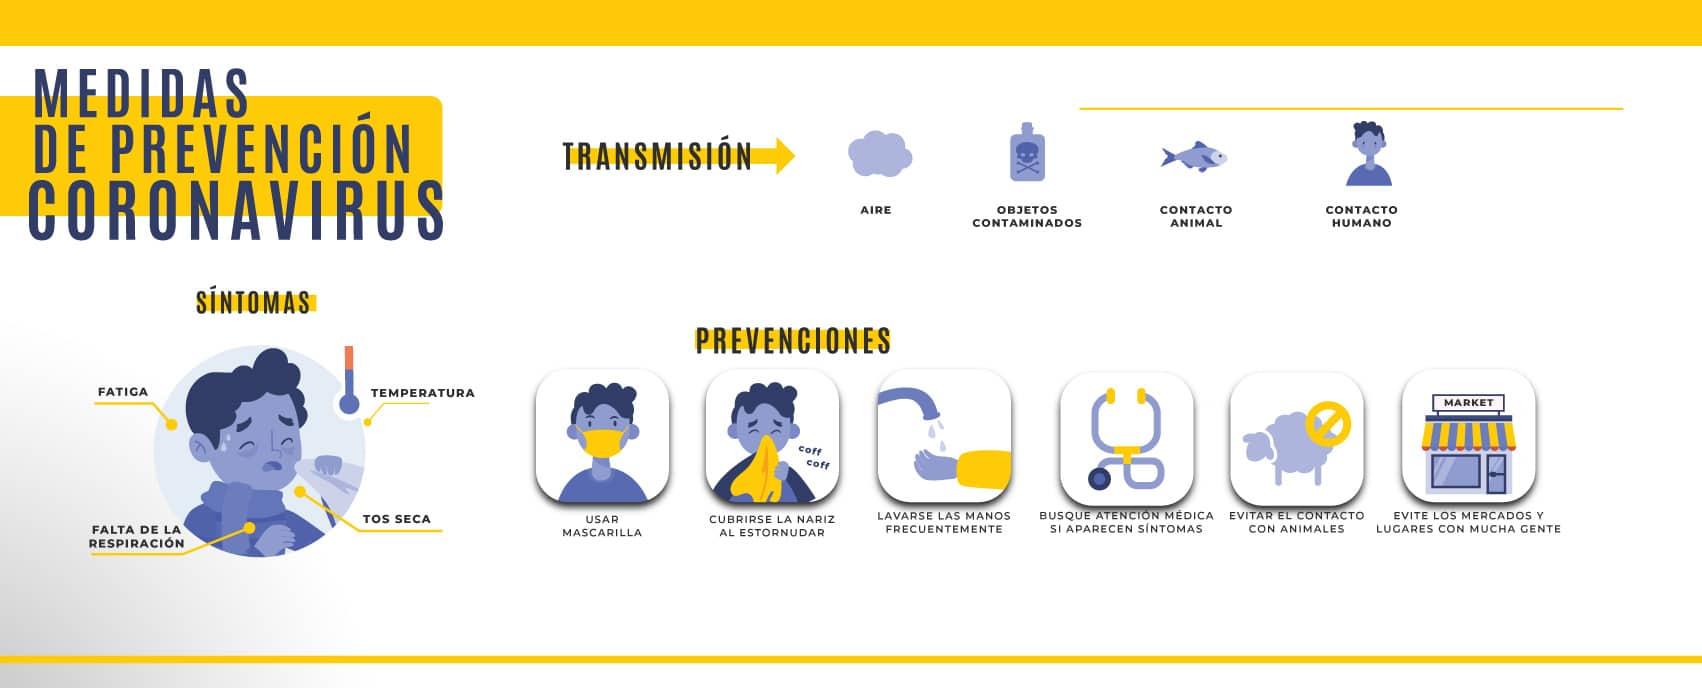 Medidas de Prevencion Coronavirus